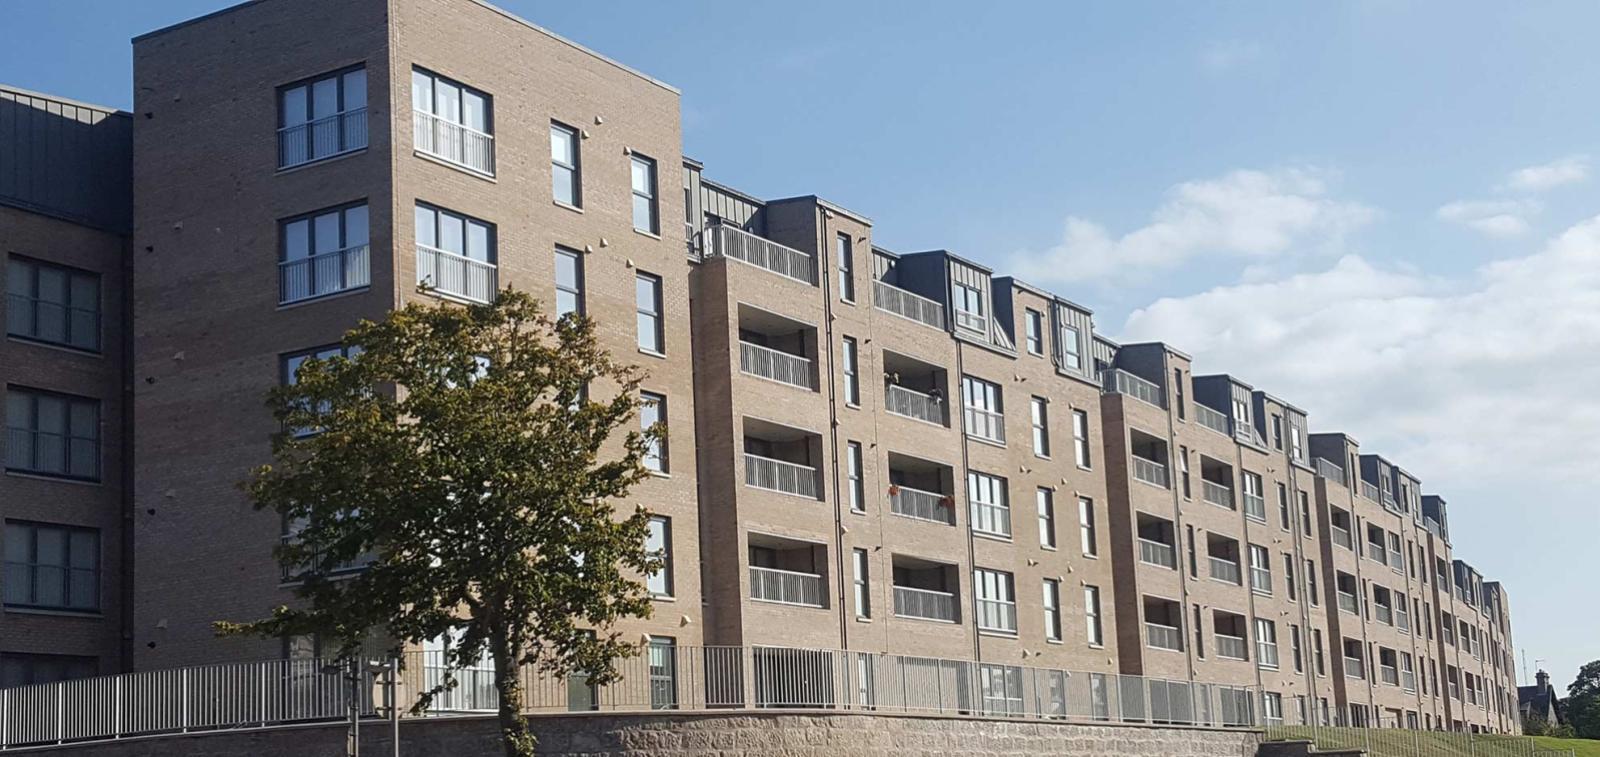 Craiginches development in Aberdeen